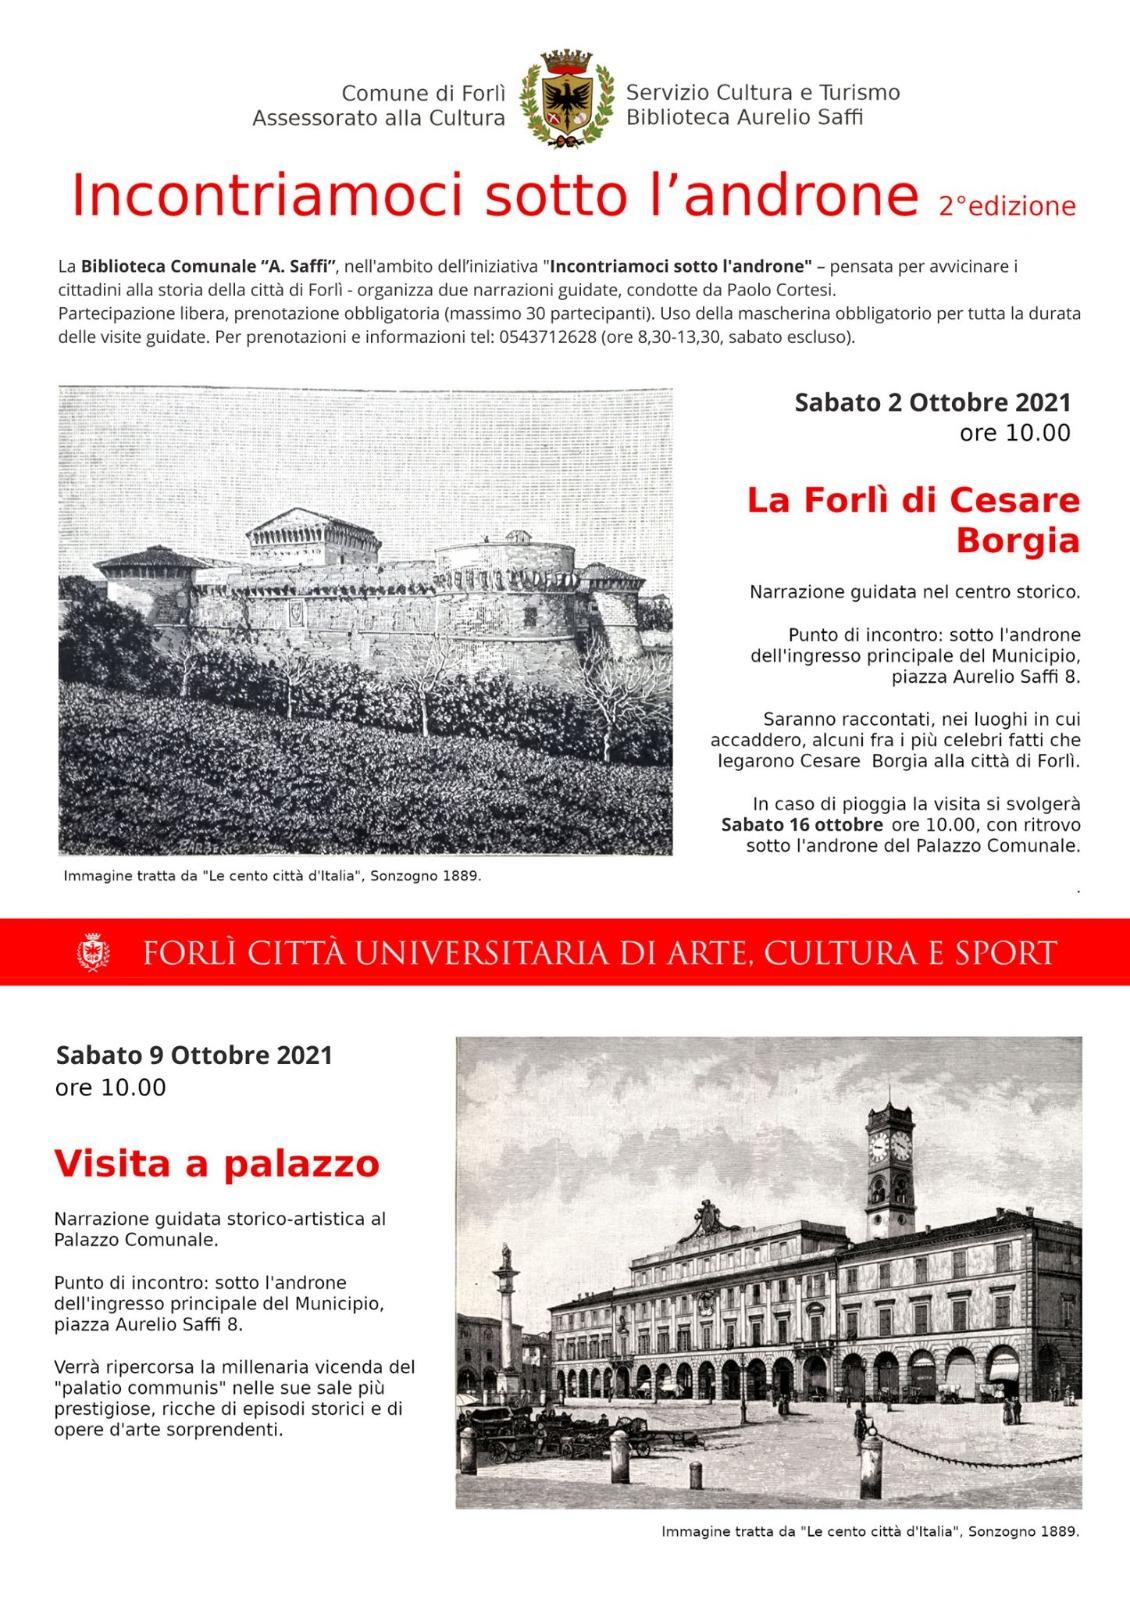 Forlì visite guidate al Palazzo Comunale